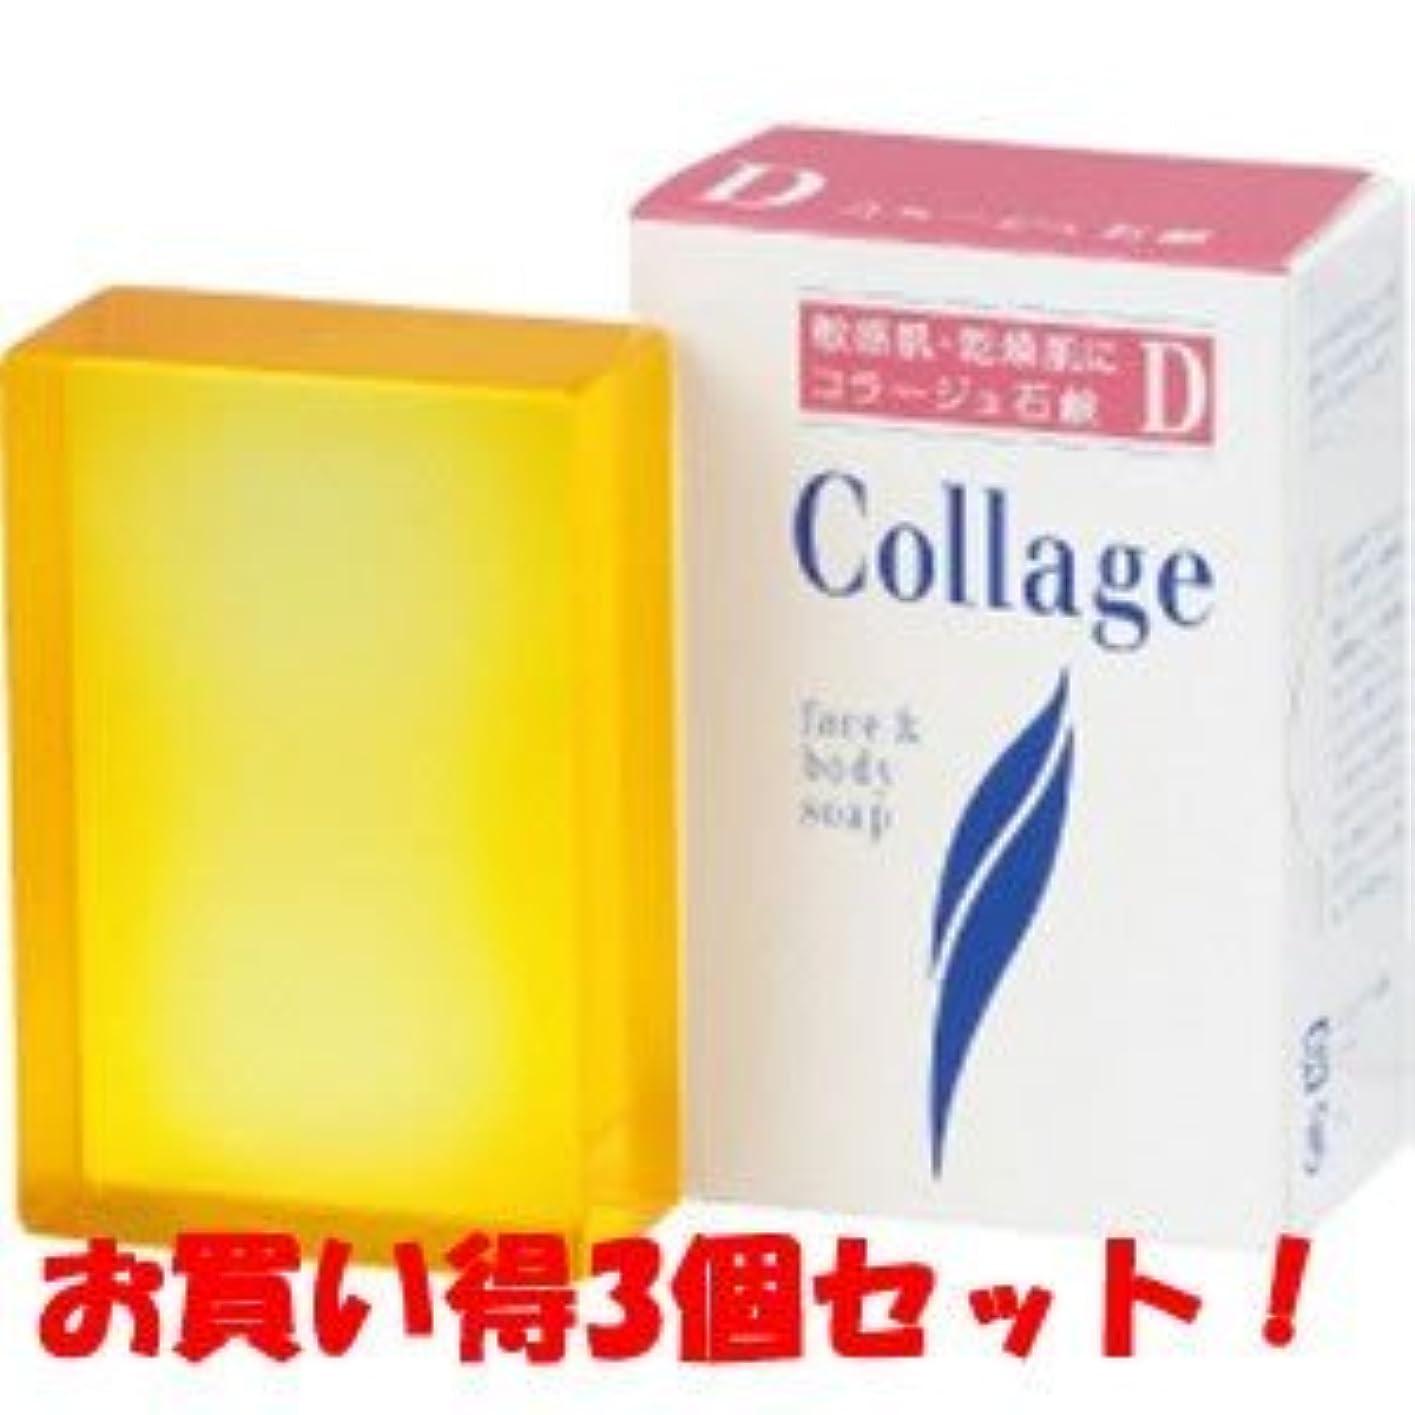 に話す麻酔薬ペルセウス(持田ヘルスケア)コラージュD乾性肌用石鹸 100g(お買い得3個セット)